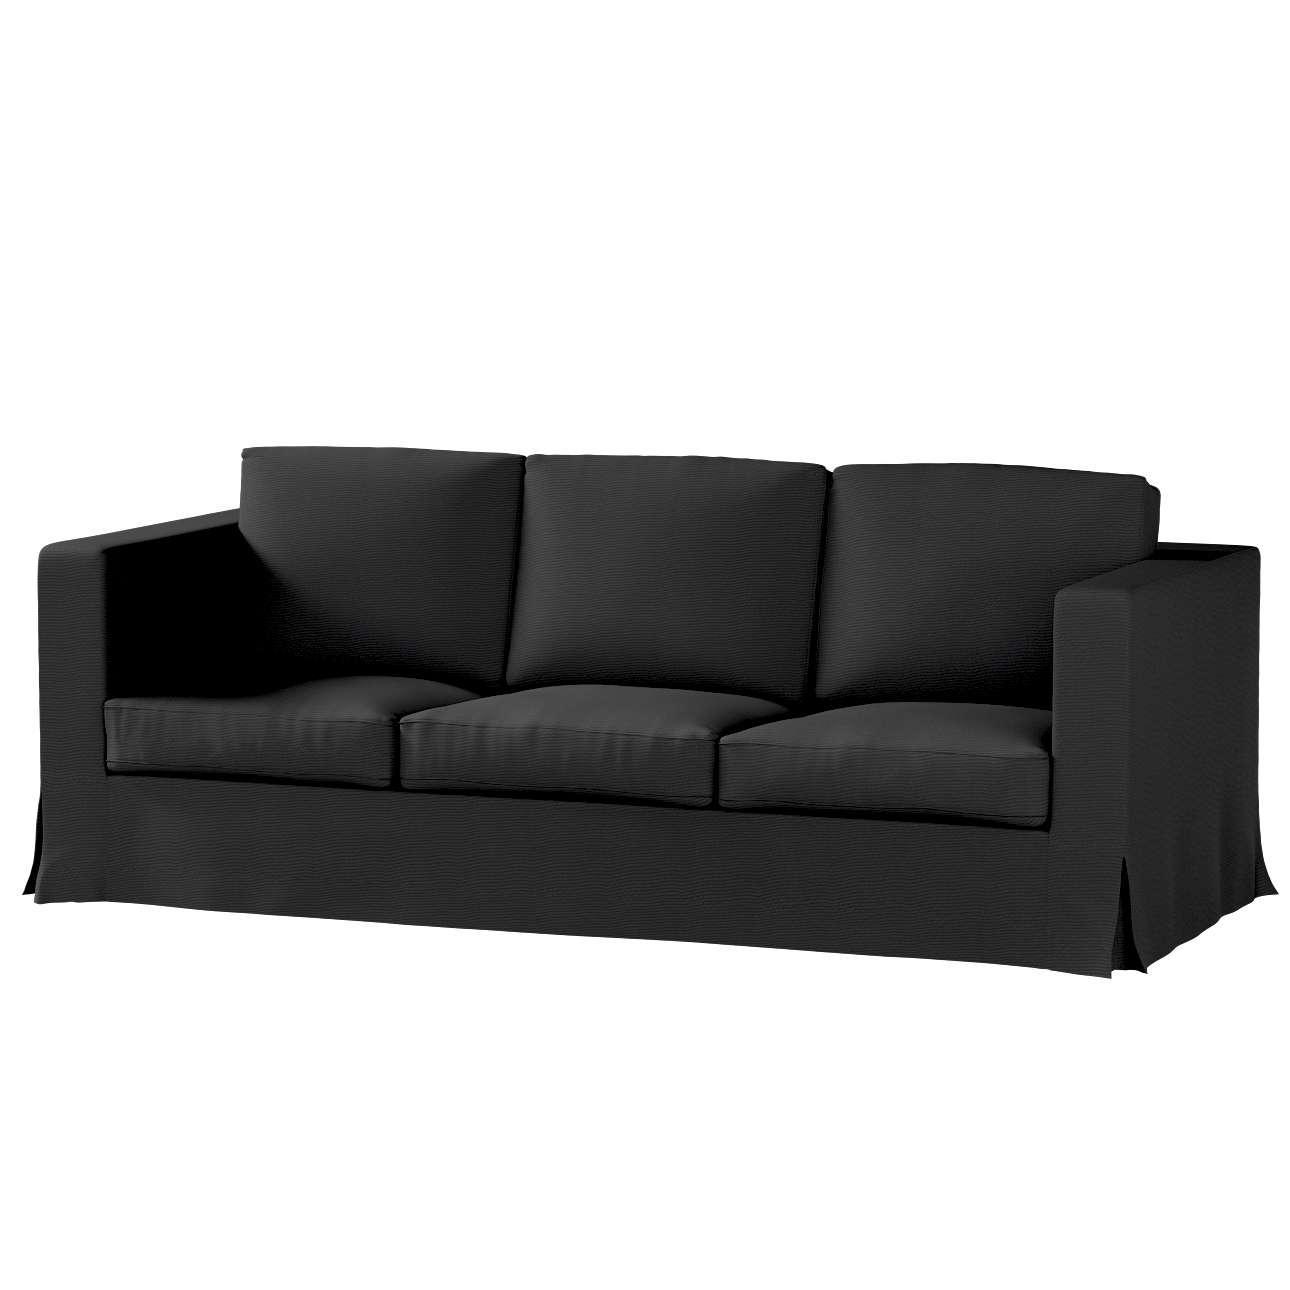 Karlanda klädsel 3-sits soffa - lång i kollektionen Etna, Tyg: 705-00